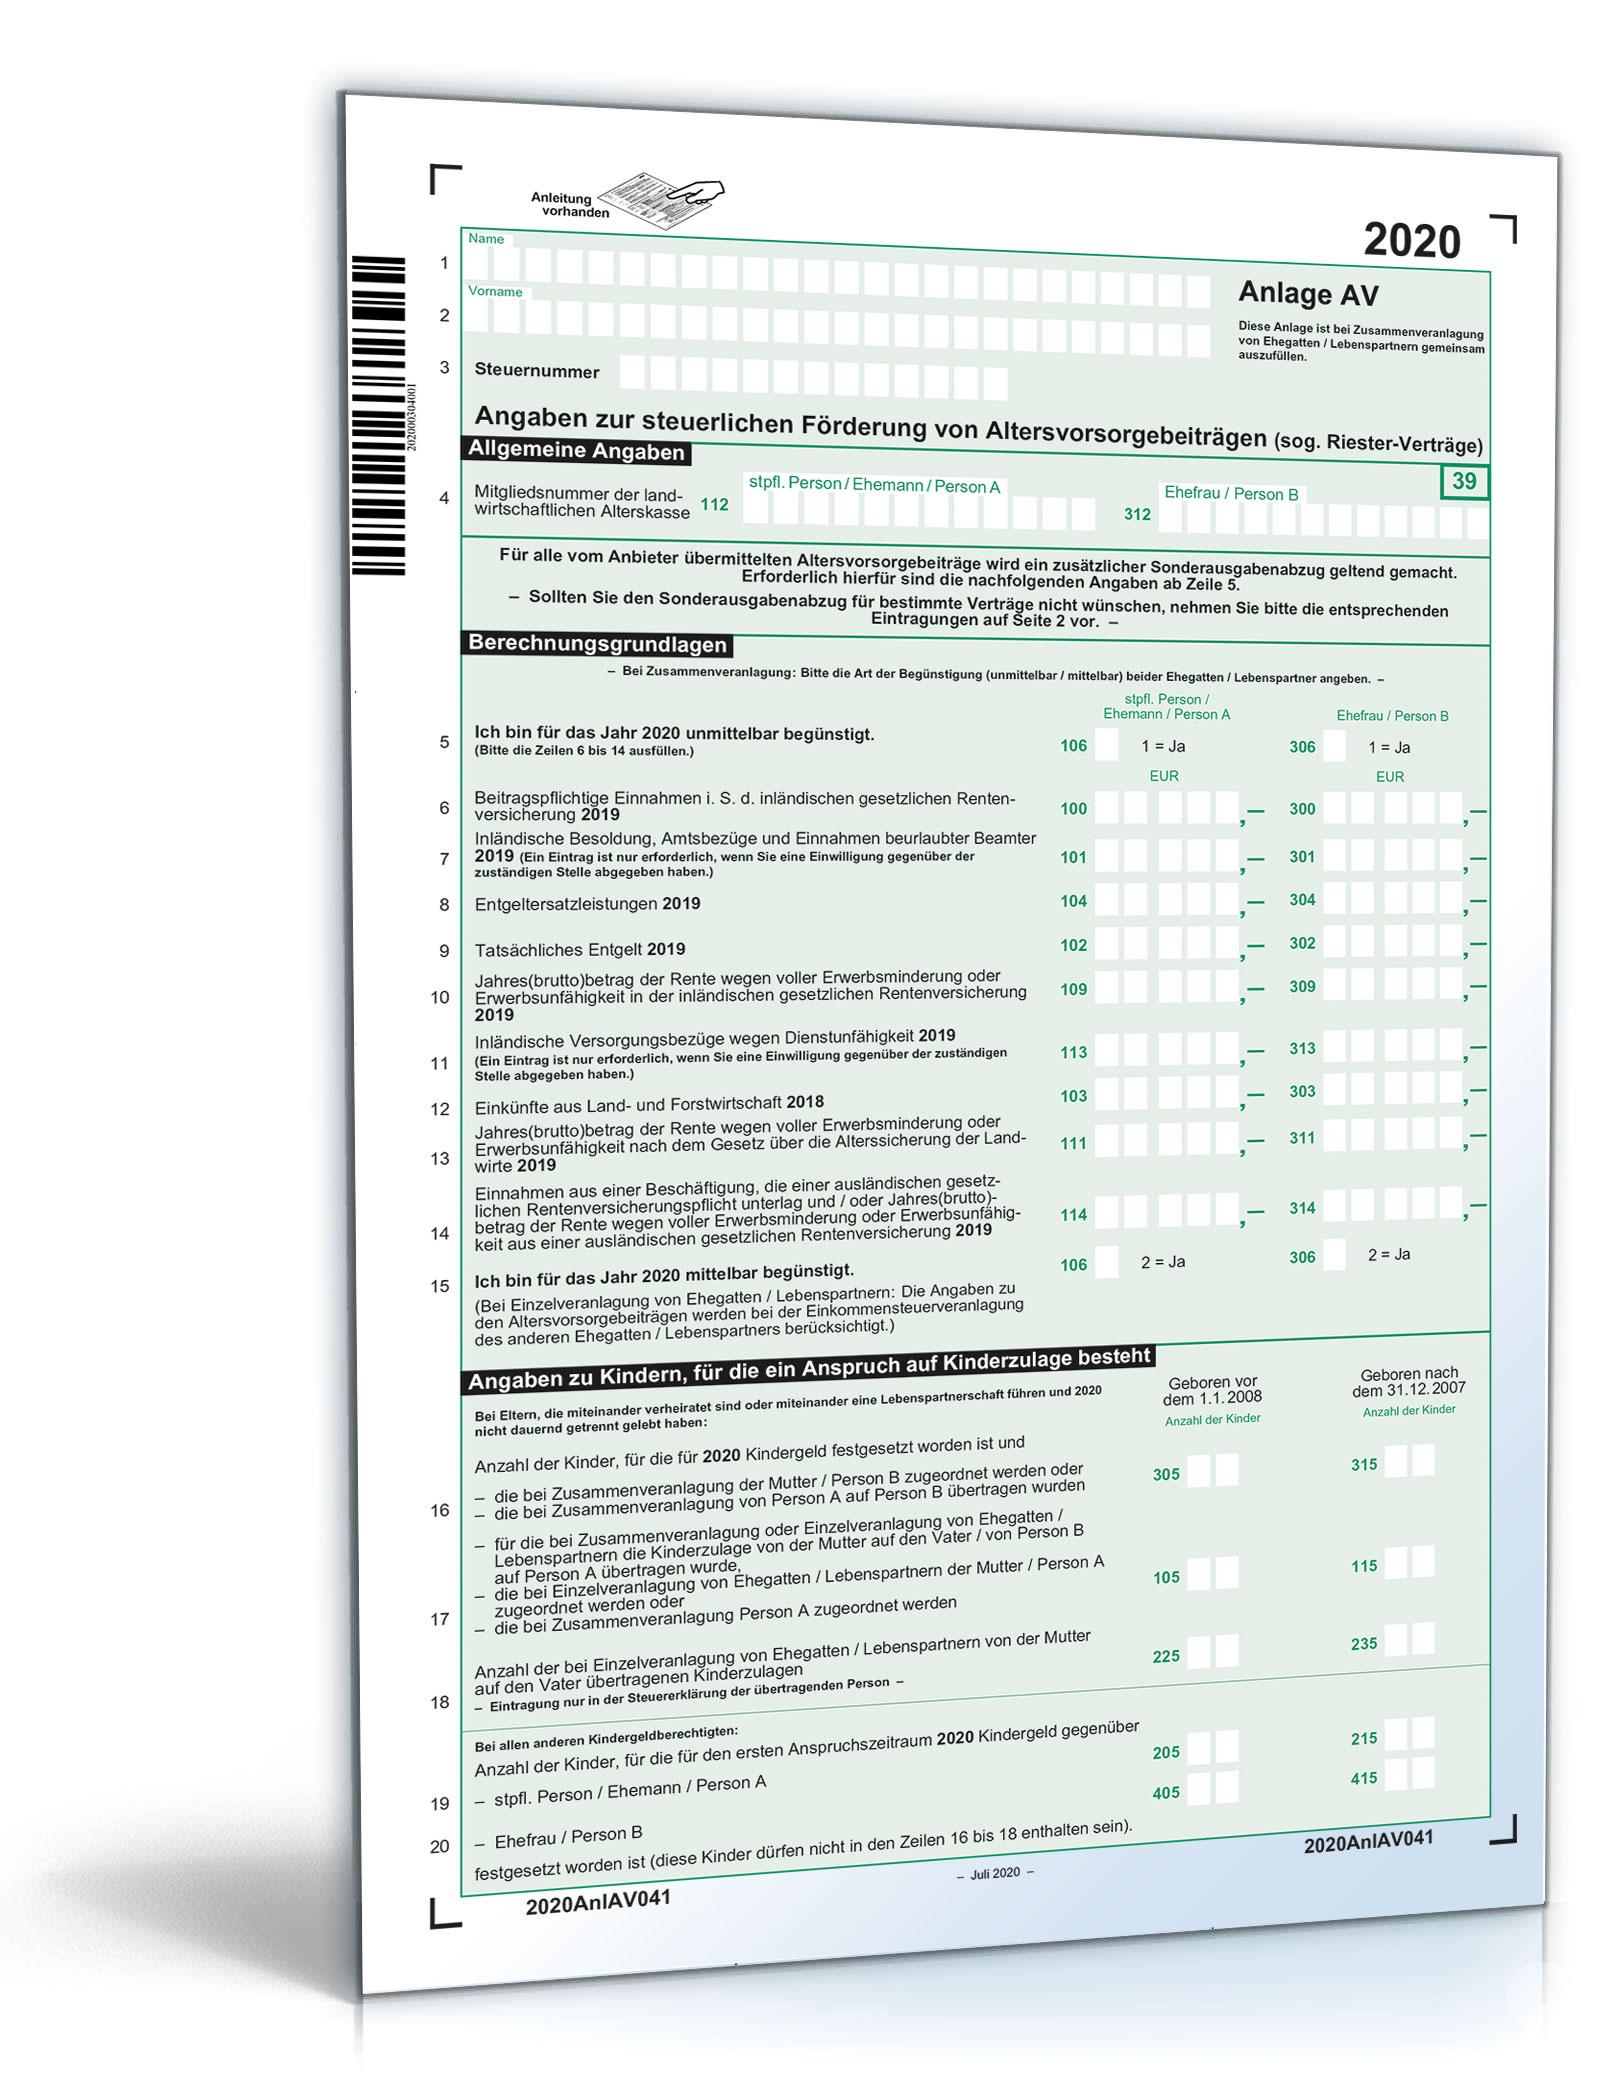 Anlage AV 2020  Steuerformular zum Download